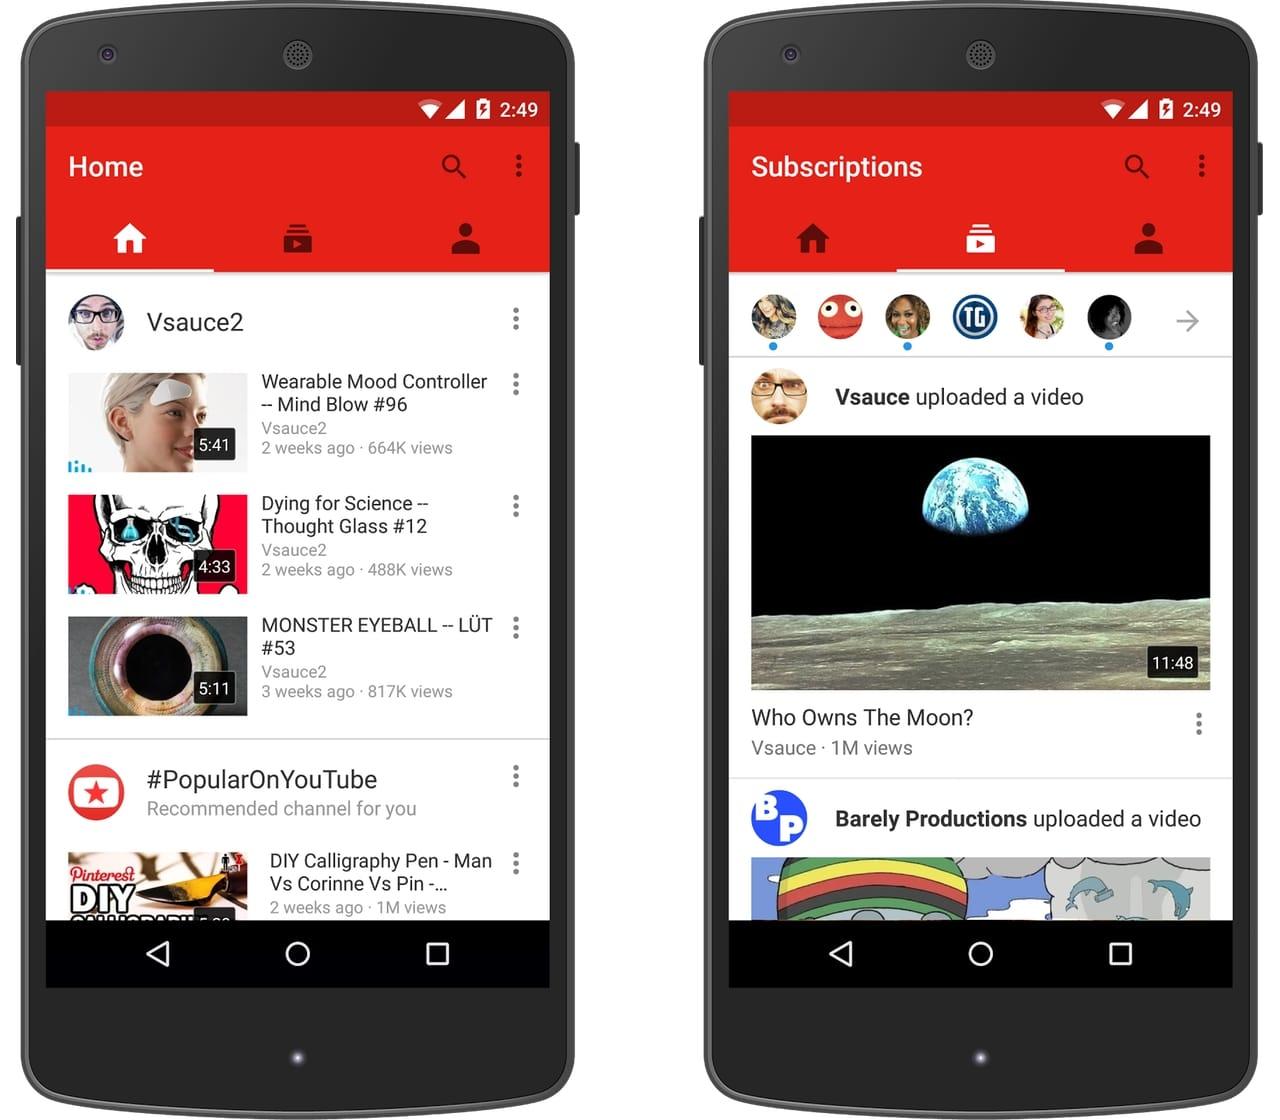 Las Apps de videos como YouTube permiten configurarlas para ahorrar datos.